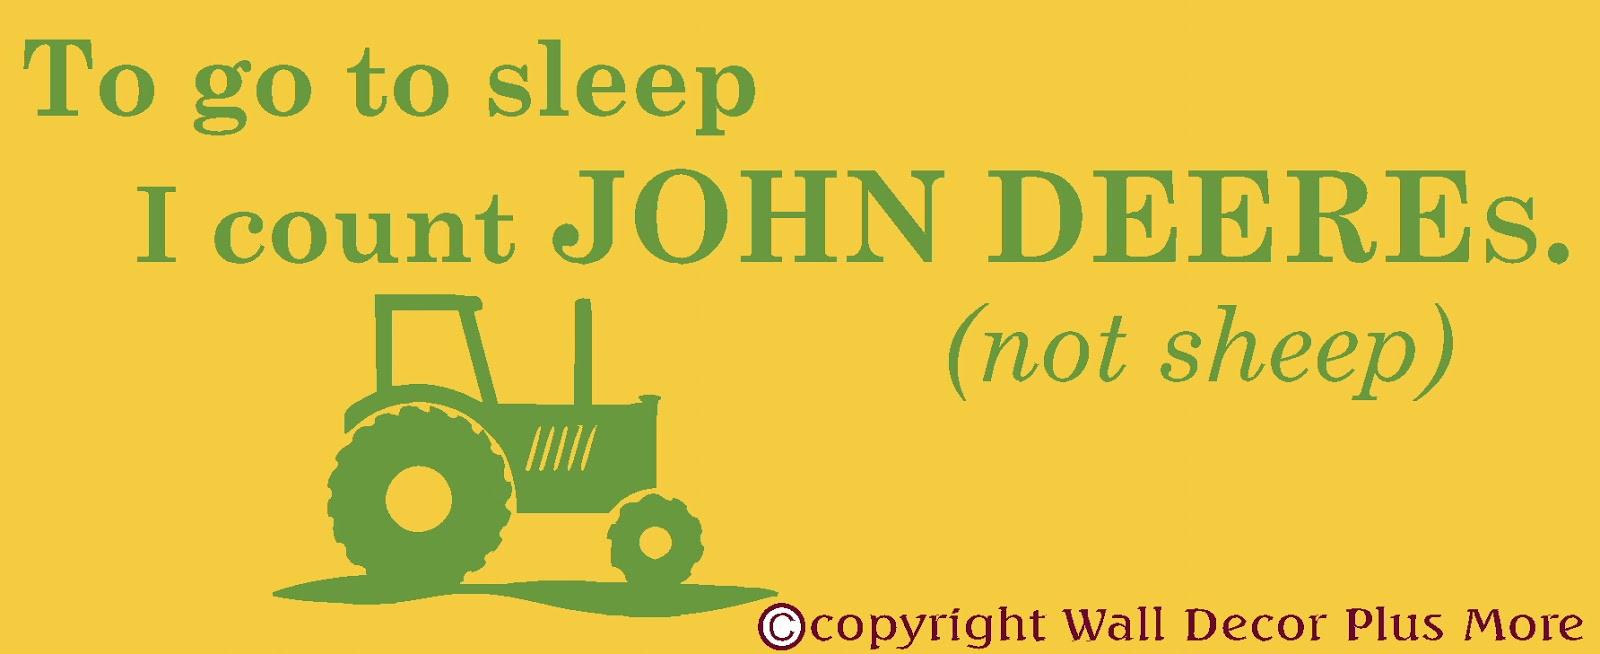 John Deere Quotes Quotesgram